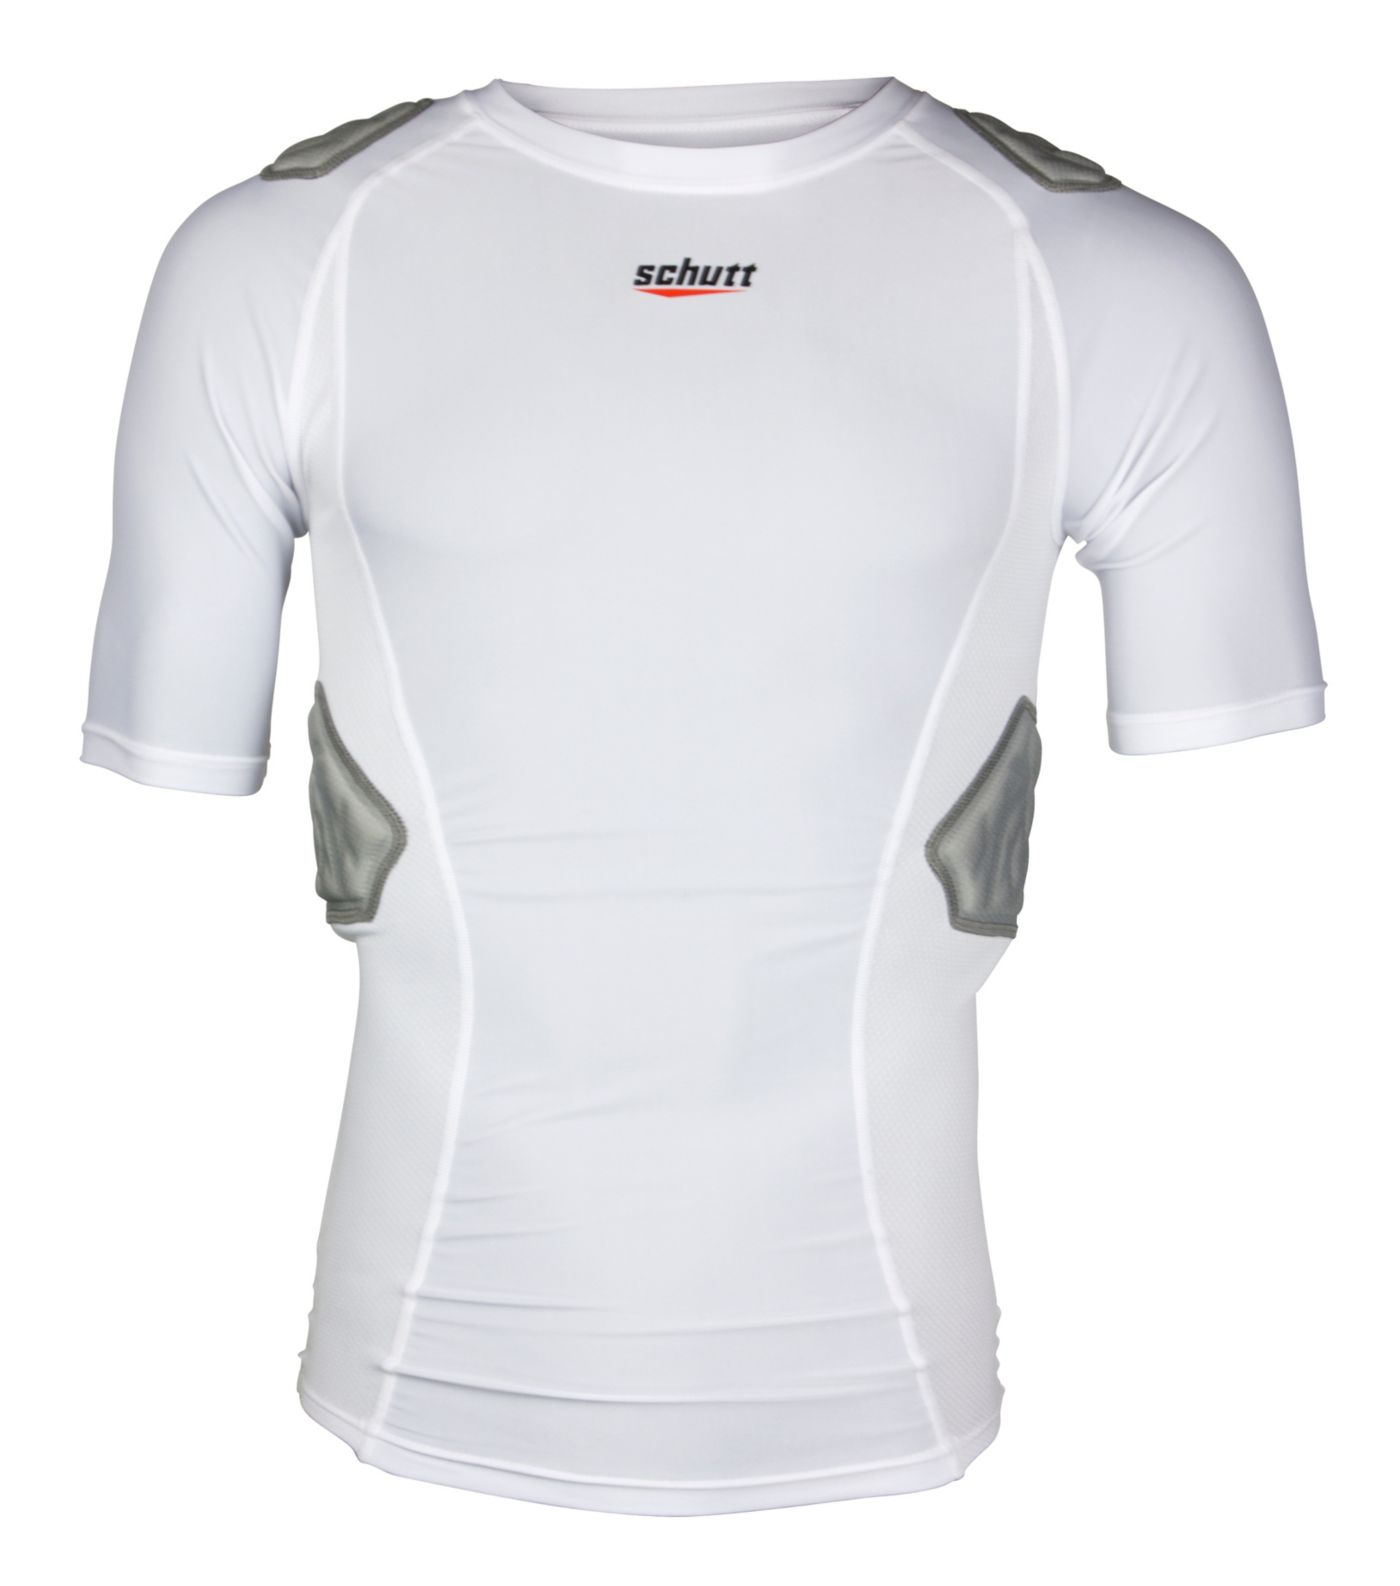 Schutt Adult Integrated Padded Shirt